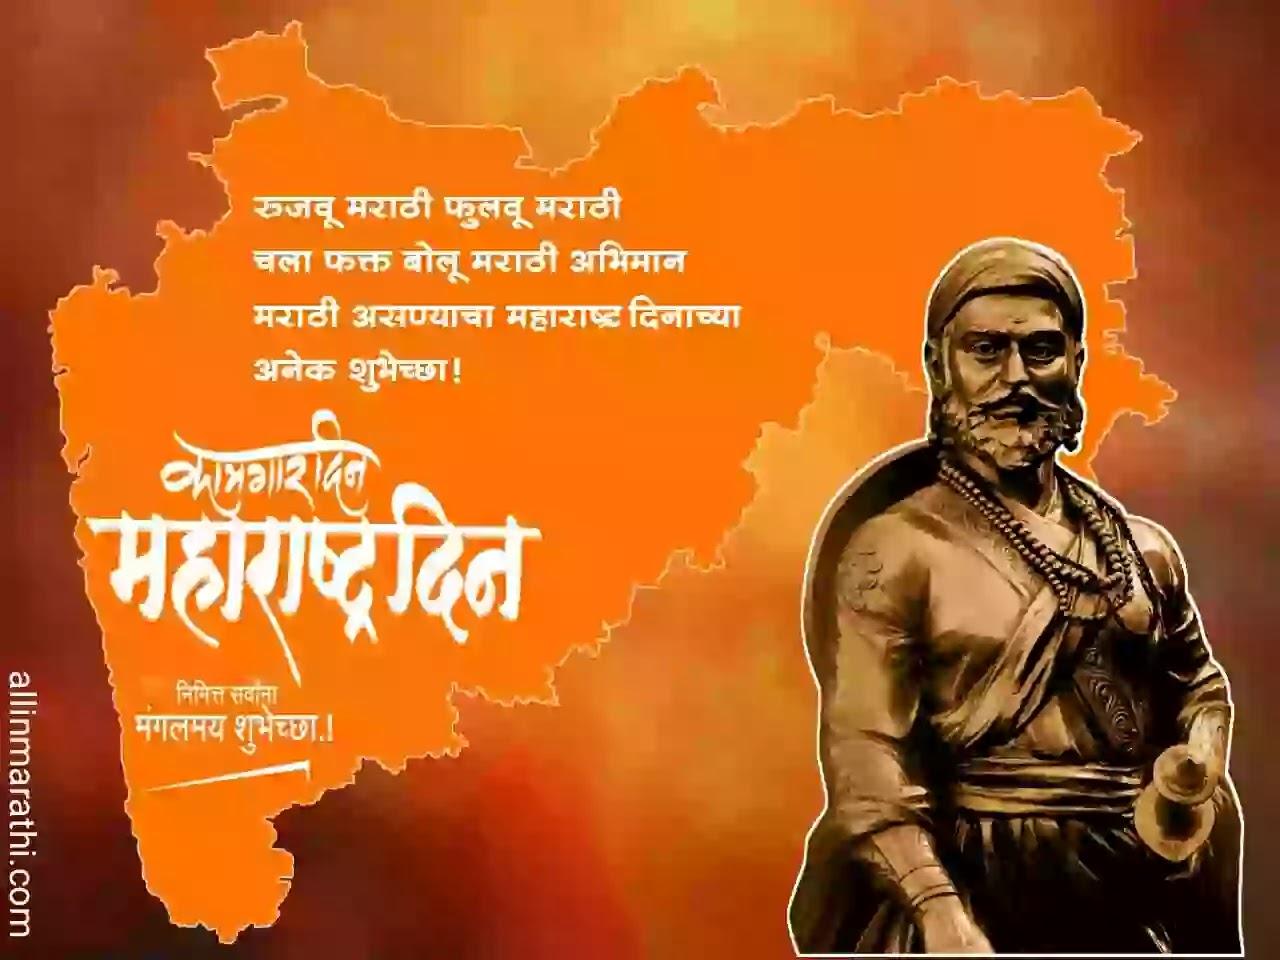 Maharashtra-din-shubhechha-marathi